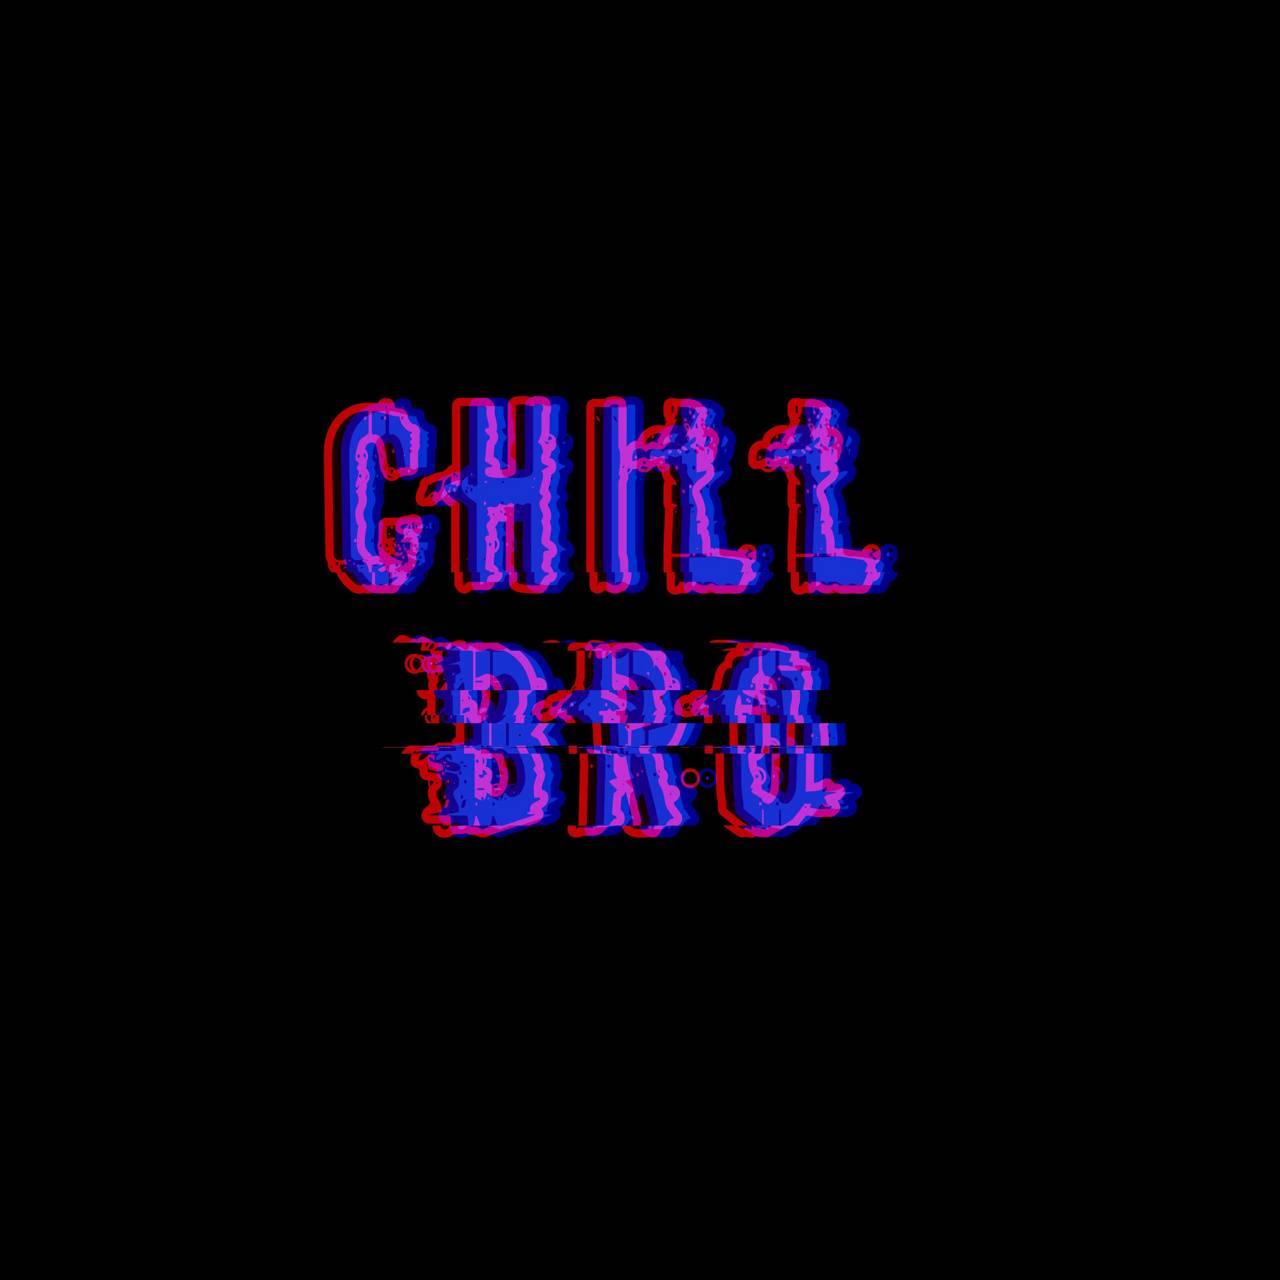 Glichy Chill Bro